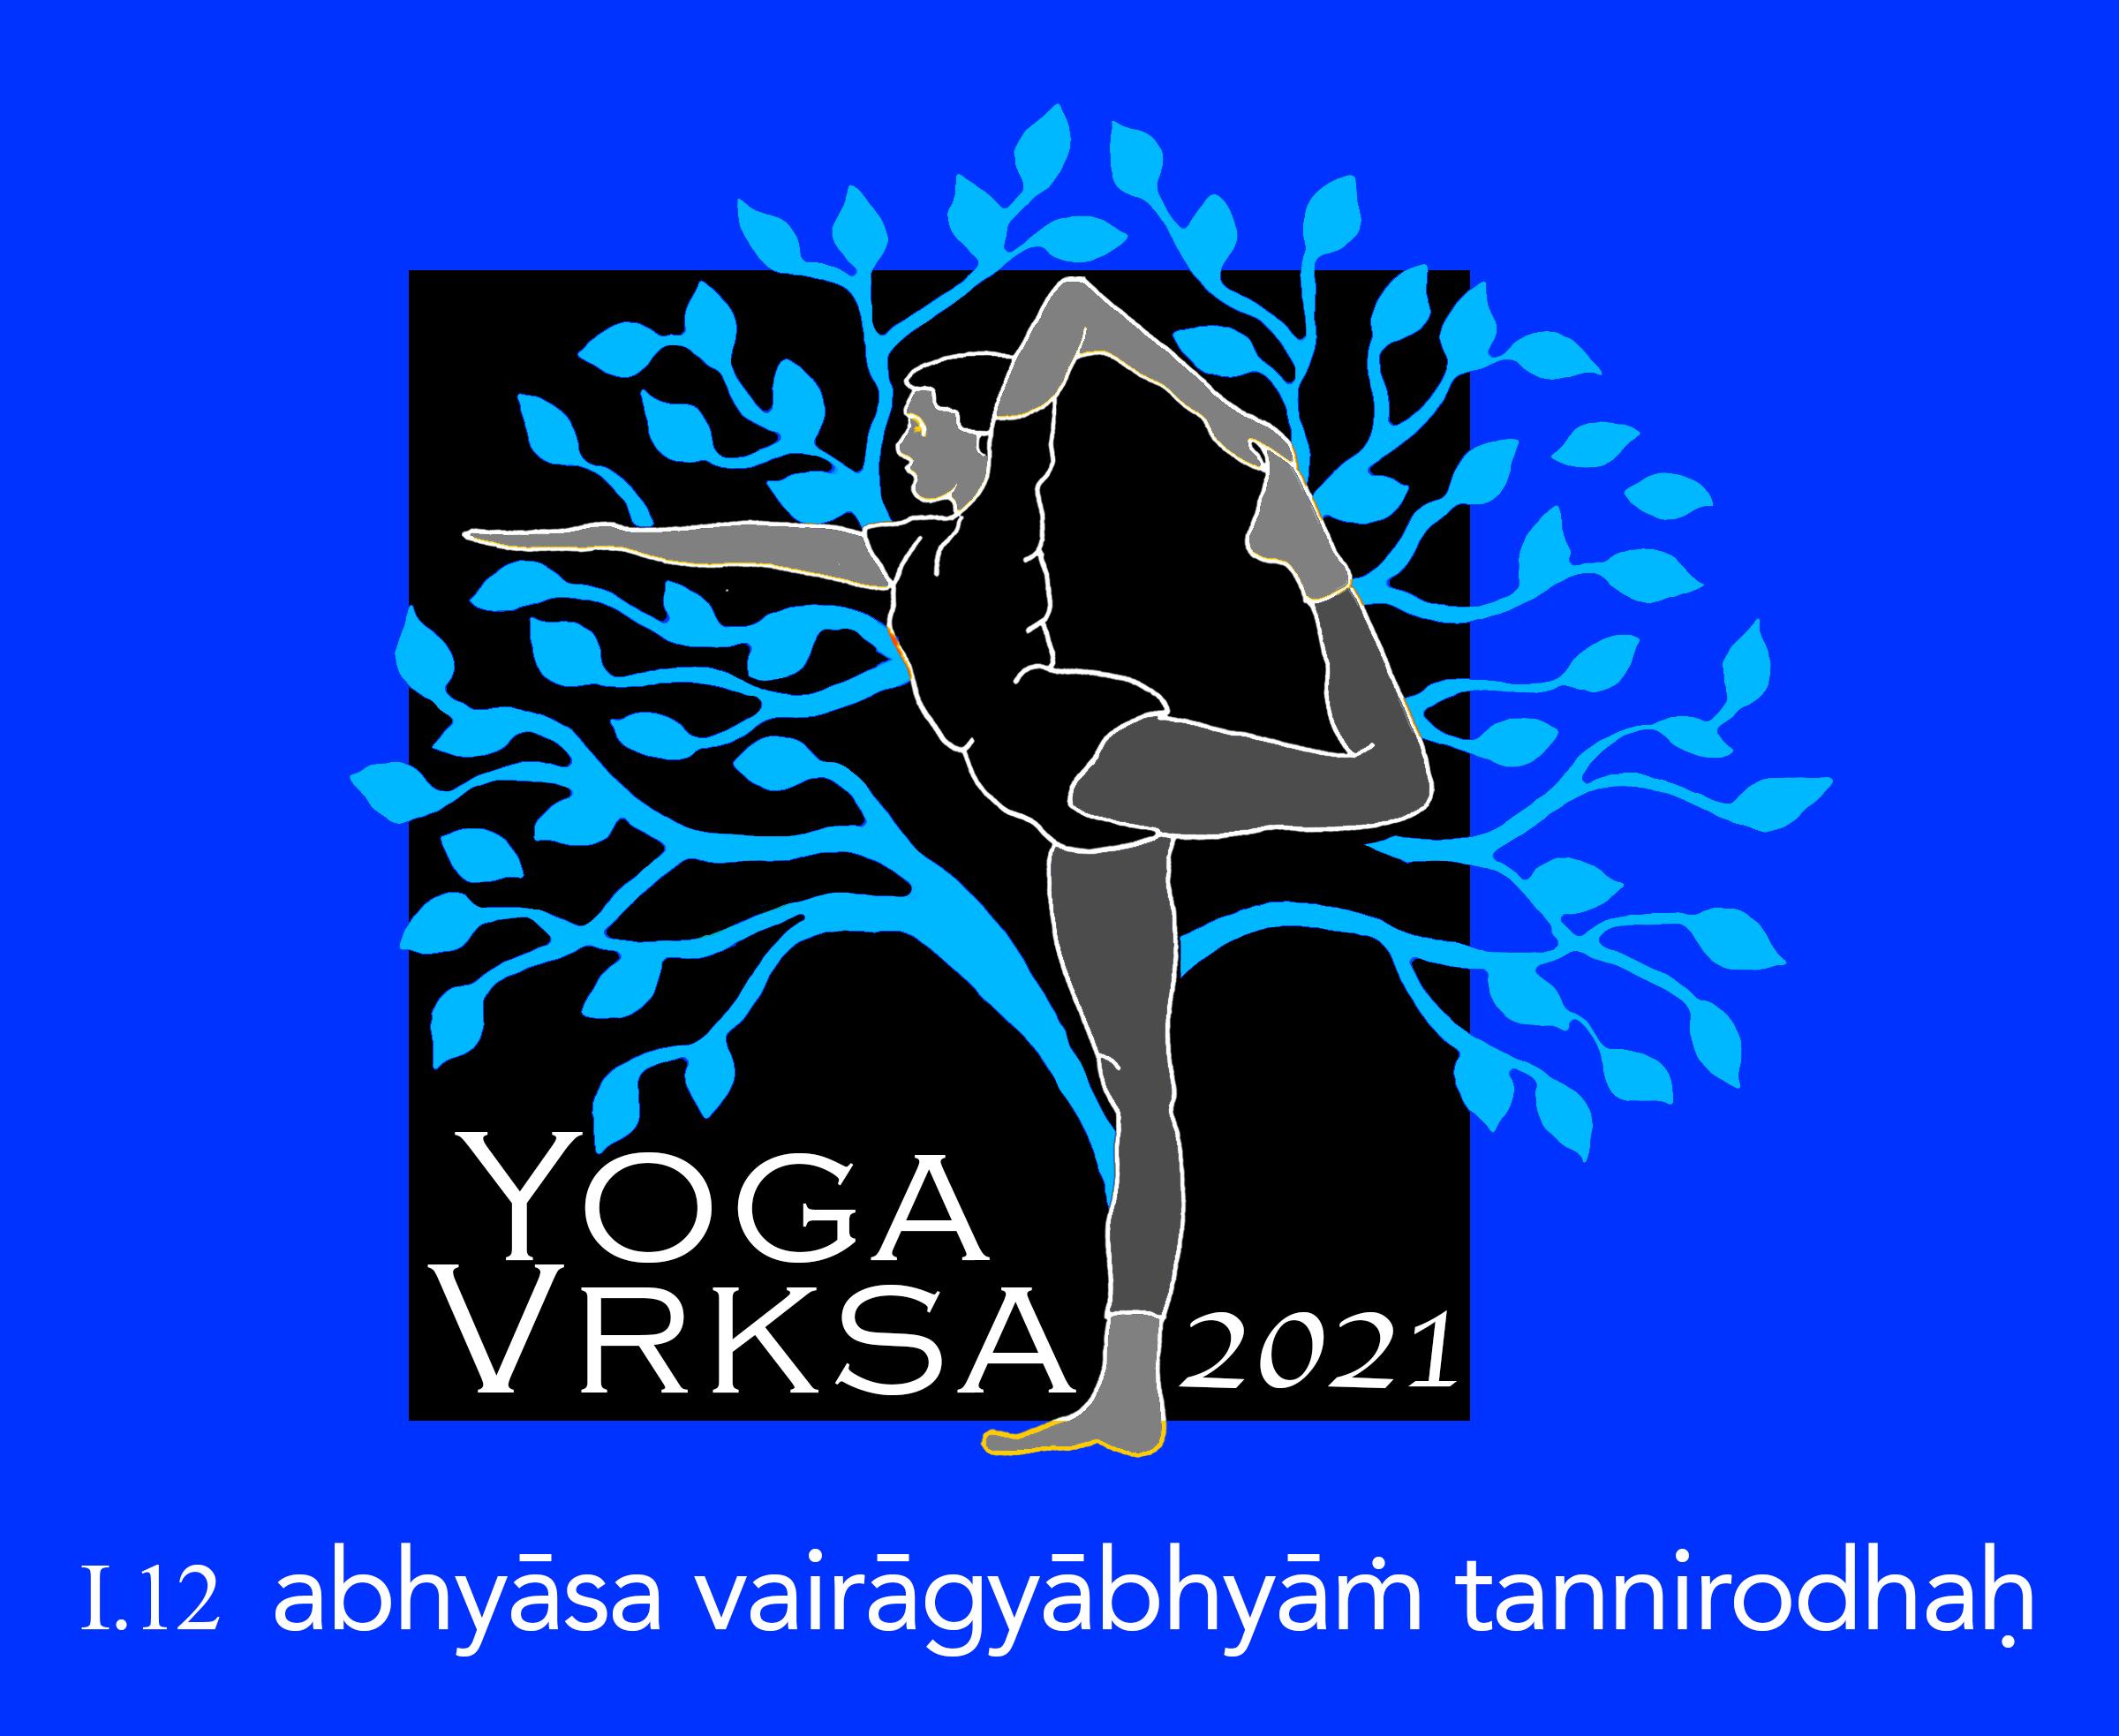 Yoga Vrksa Summer 2021 Immersion